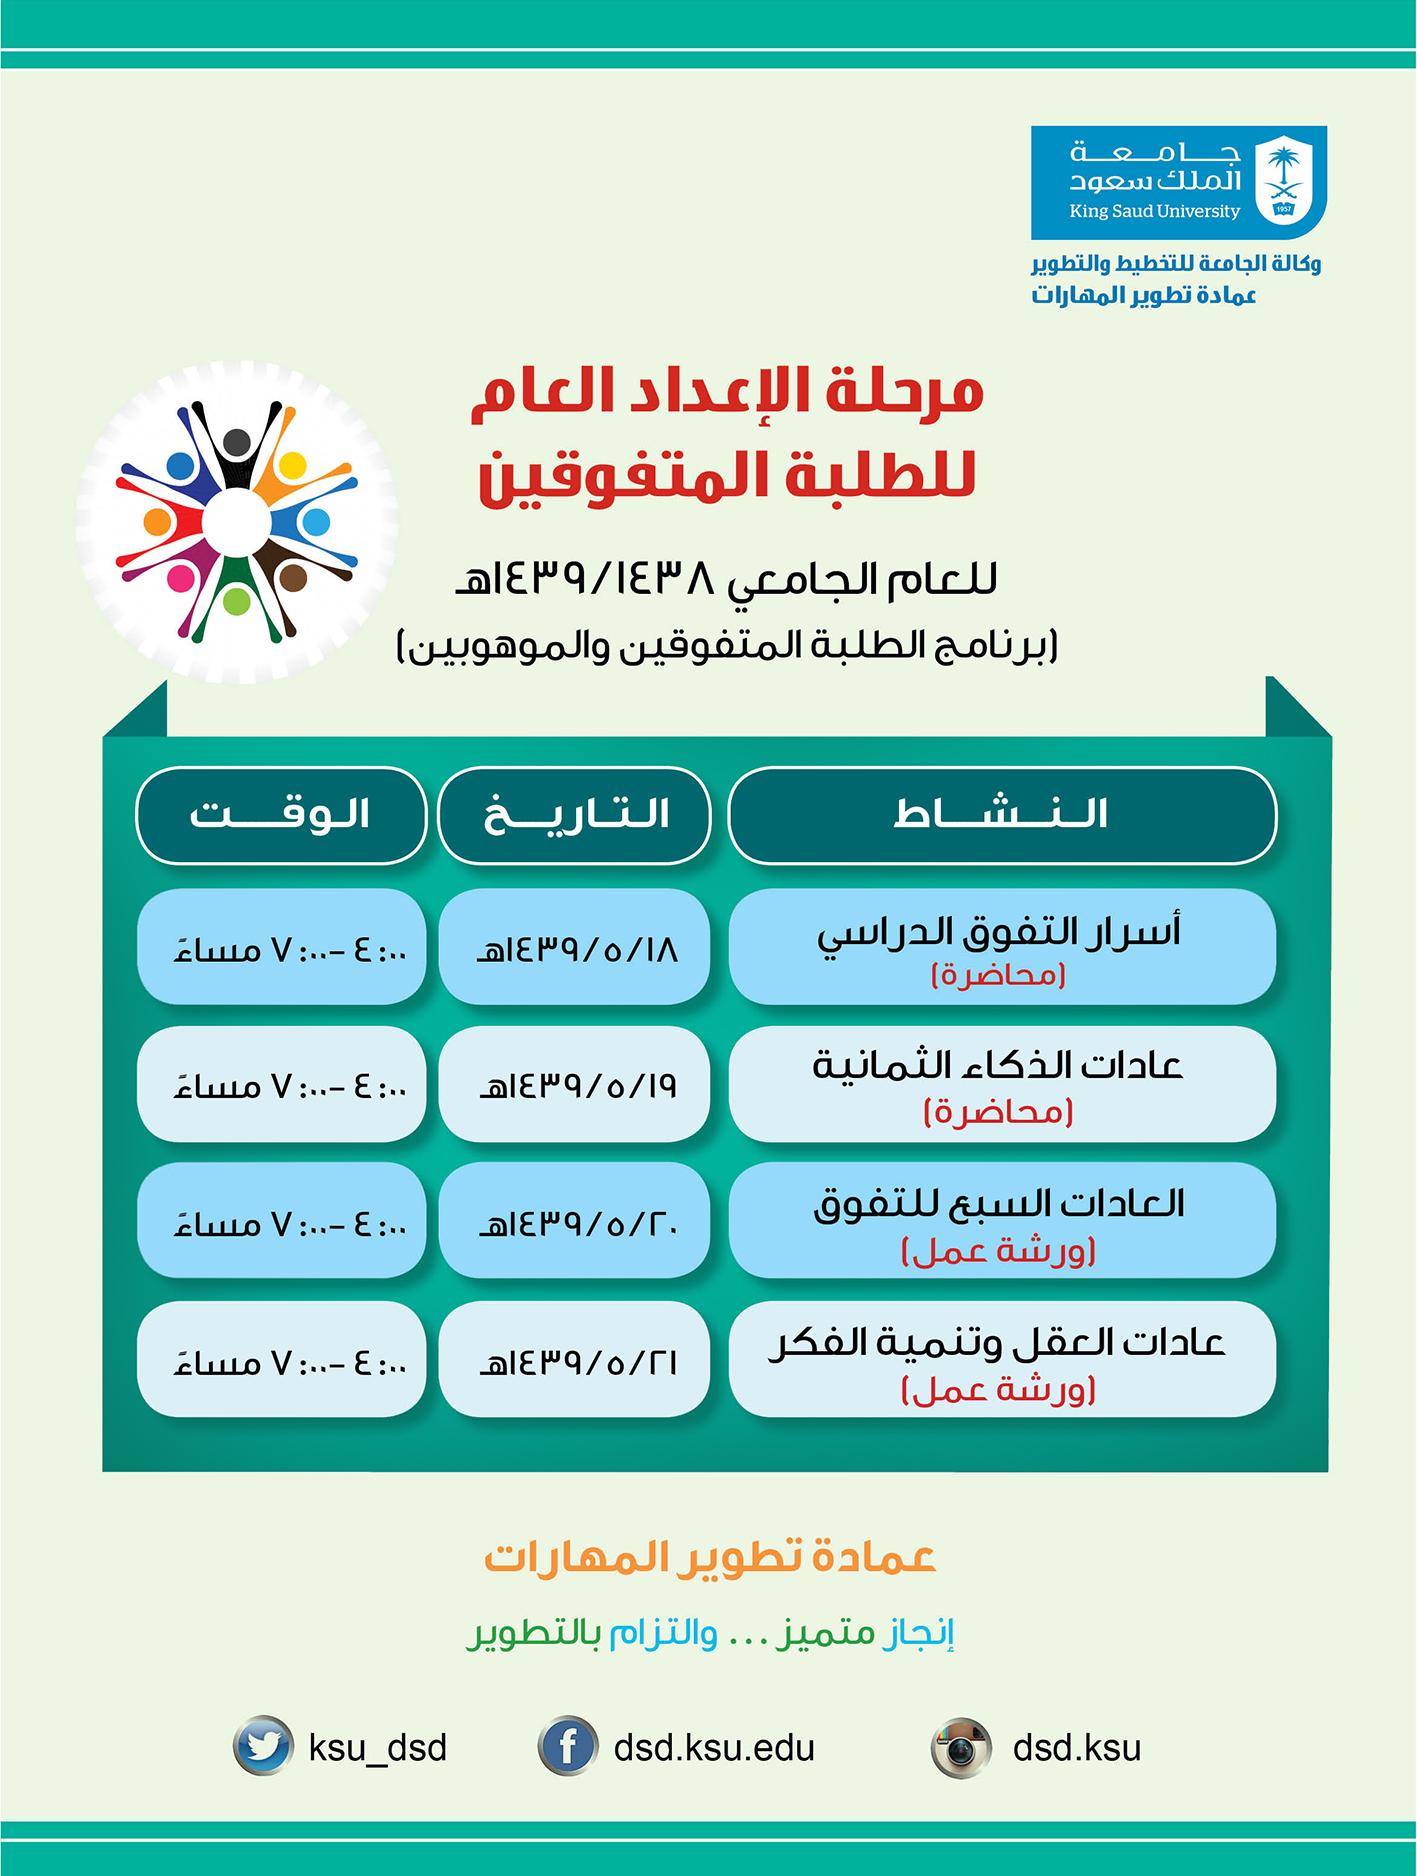 دورات مرحلة الإعداد العام بالتعاون مع عمادة تطوير المهارات